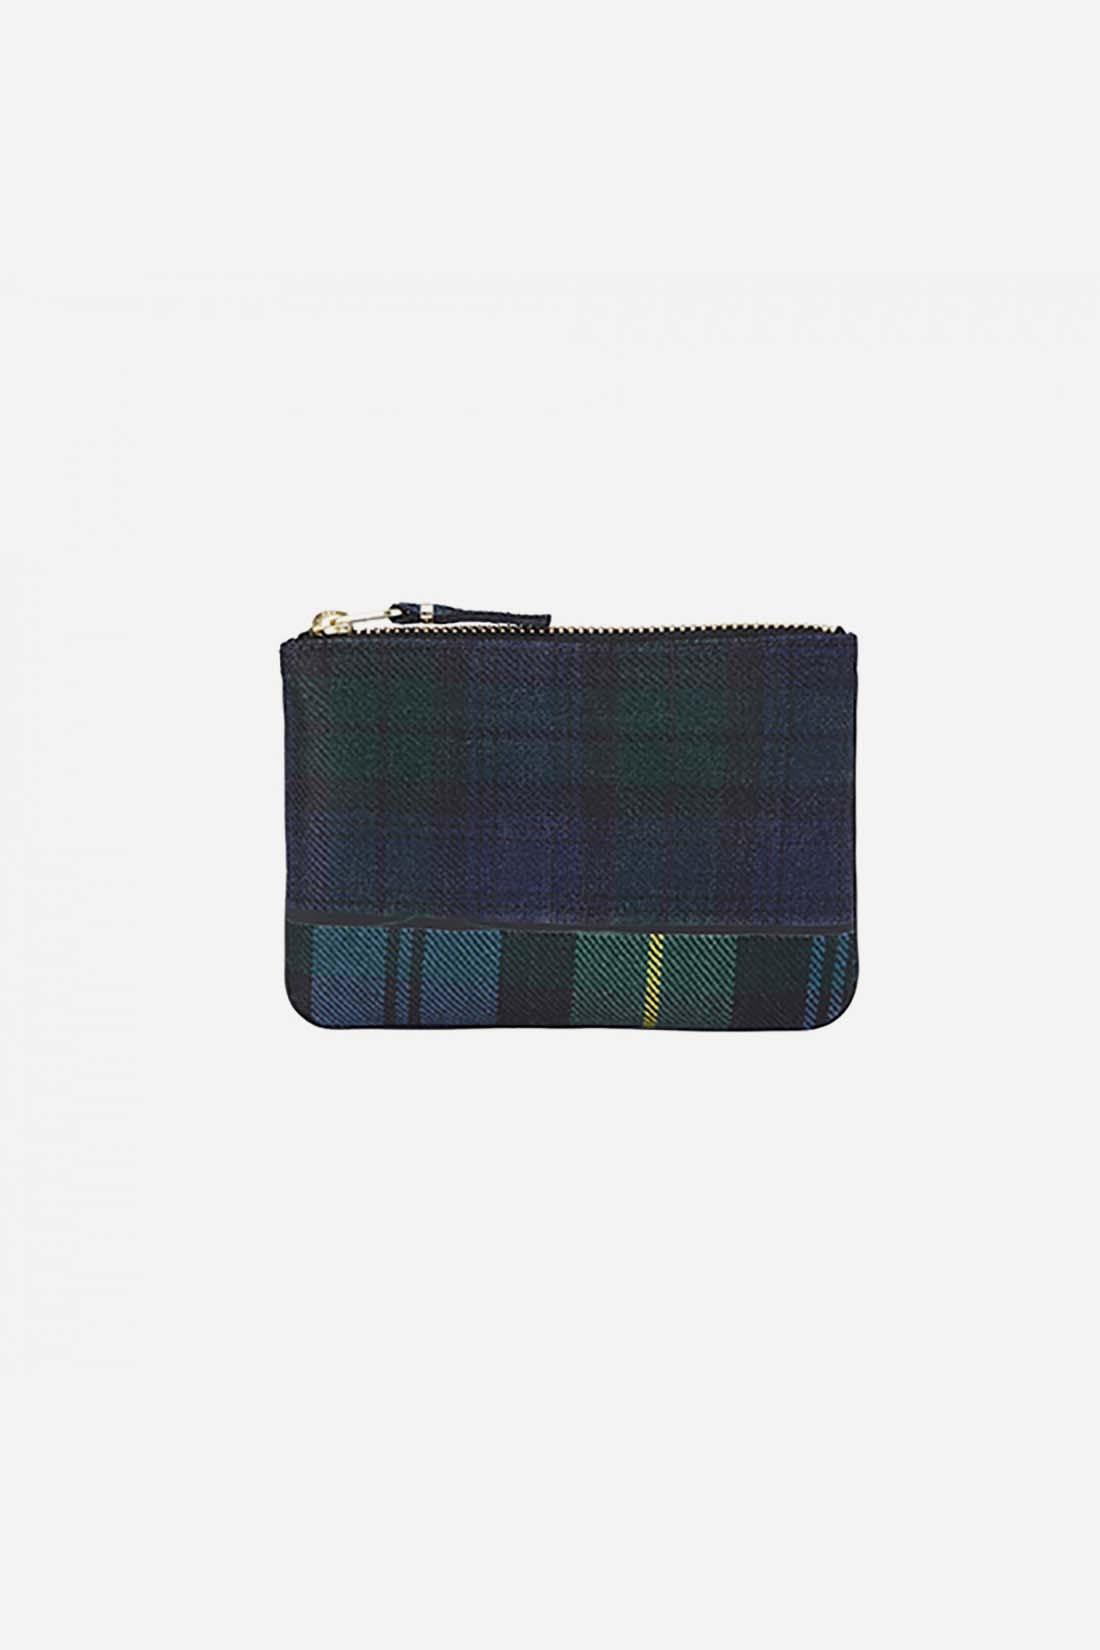 COMME DES GARÇONS WALLETS / Cdg wallet tartan patchwork Green